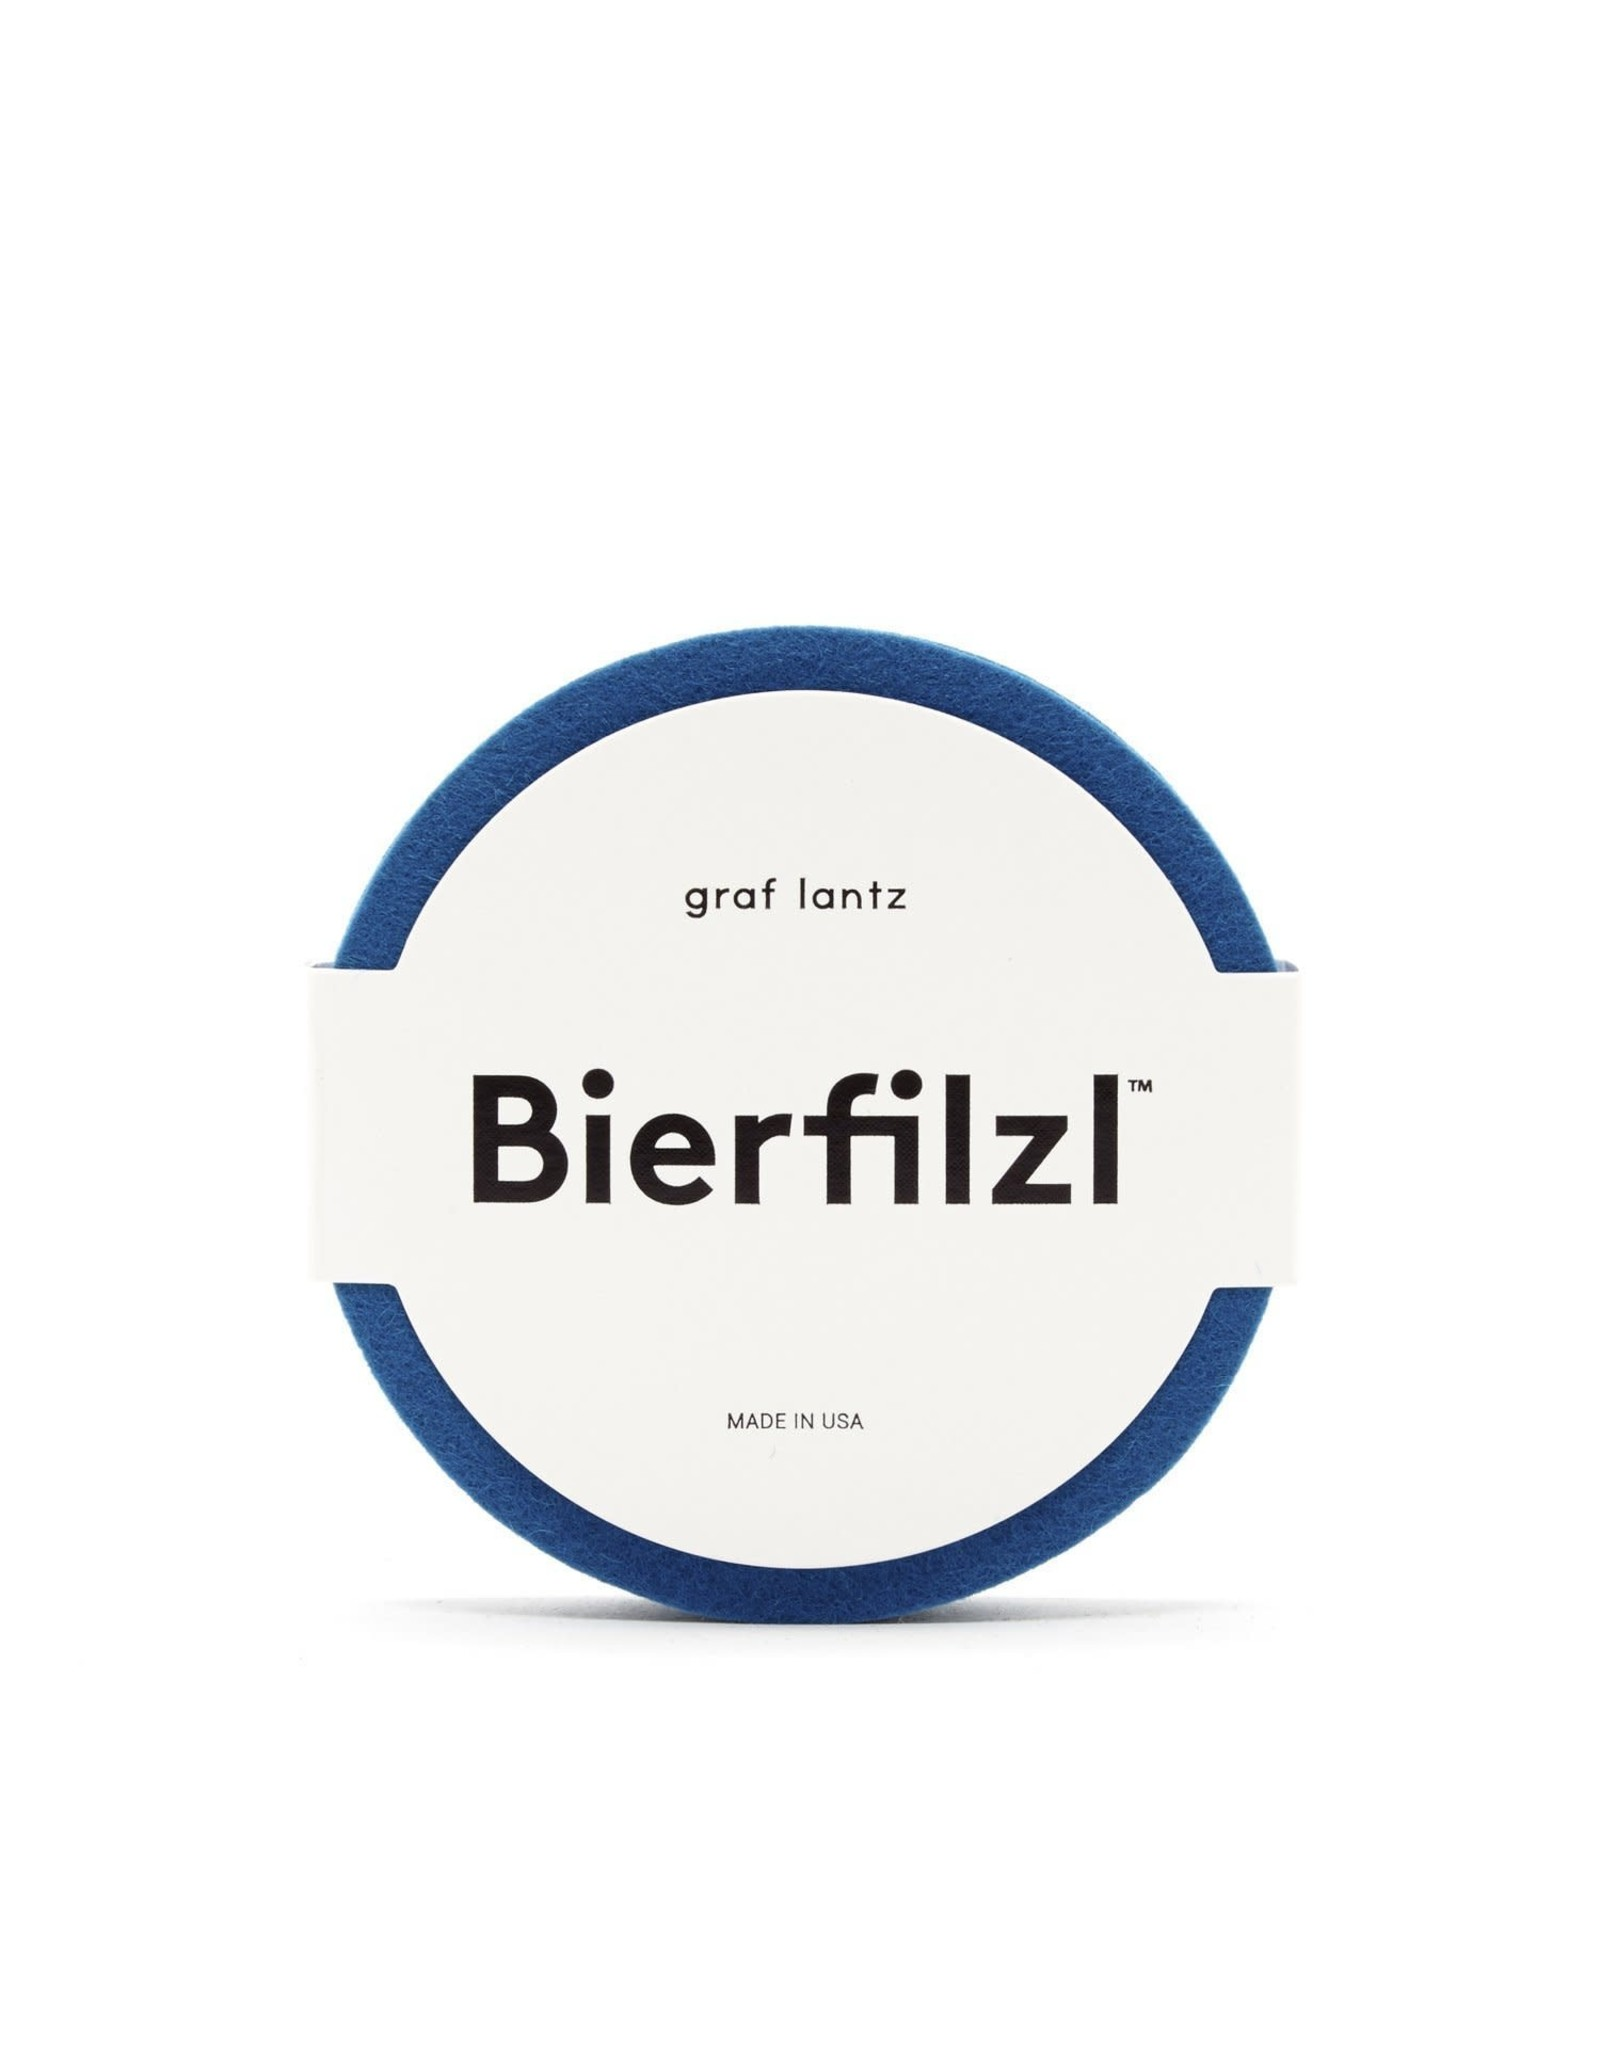 Bierfilzl Round Multi Color Felt Coaster in Electric